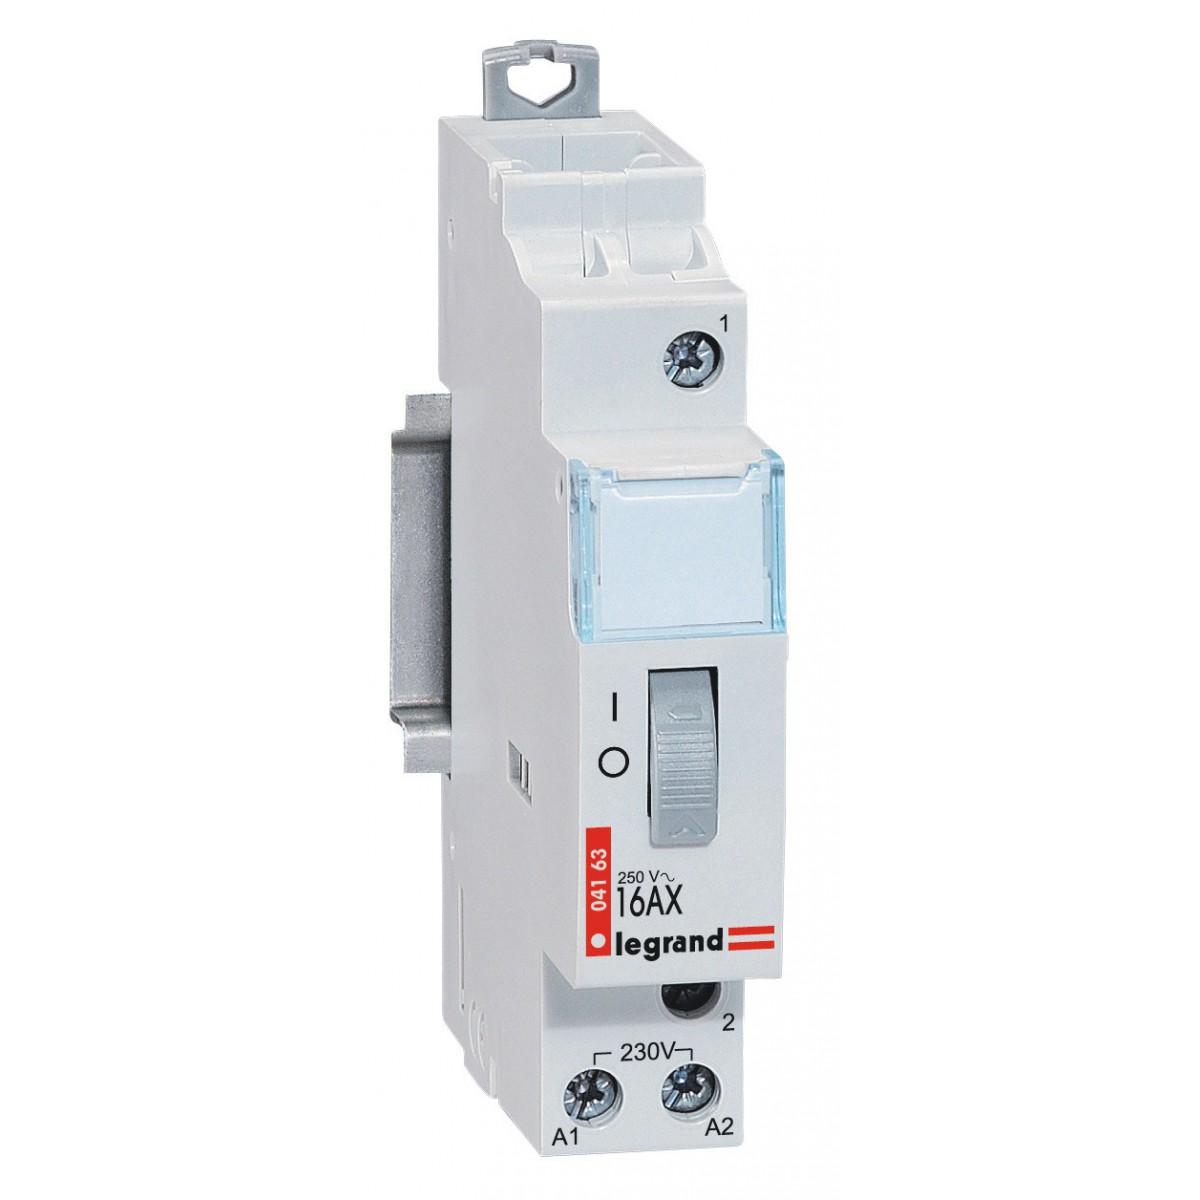 Télérupteur modulaire 16 A Legrand - Unipolaire 230 V